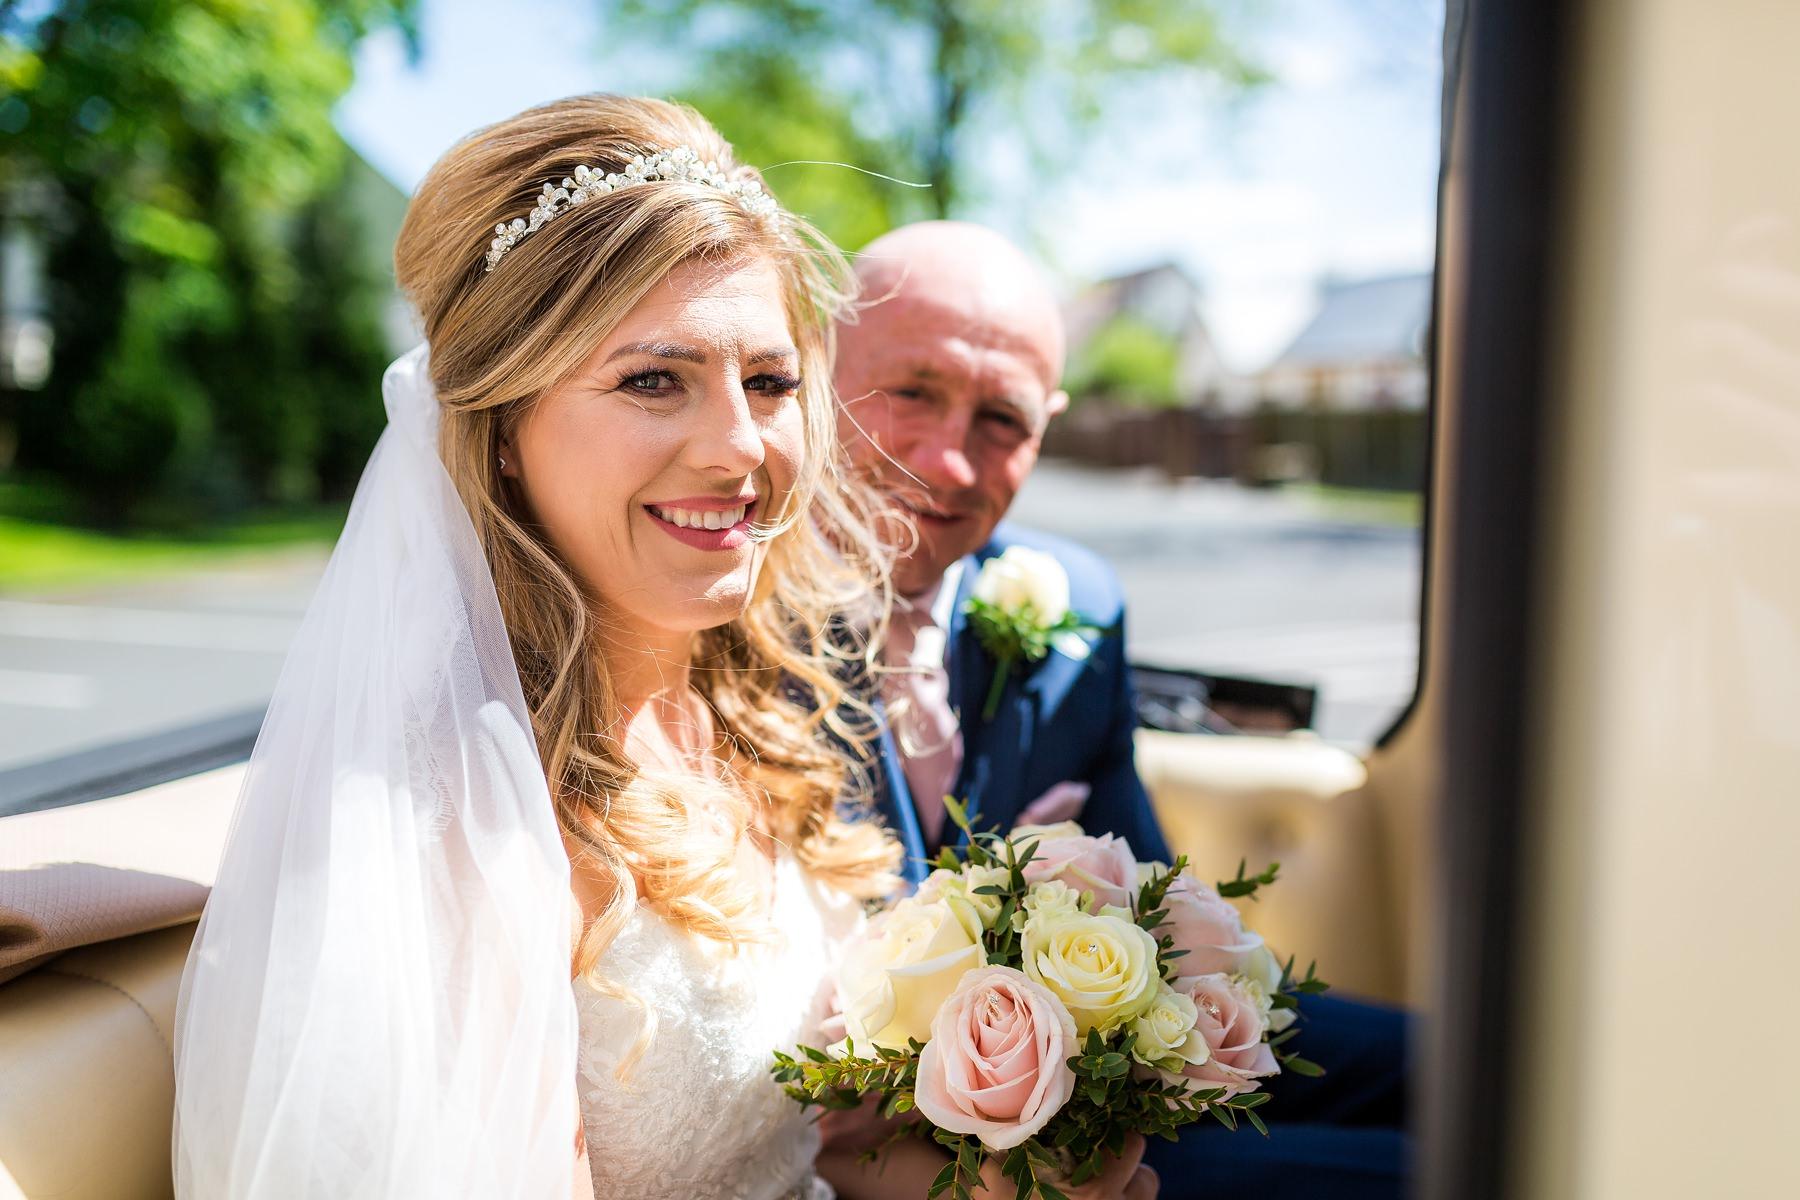 bride arriving with dad in wedding car